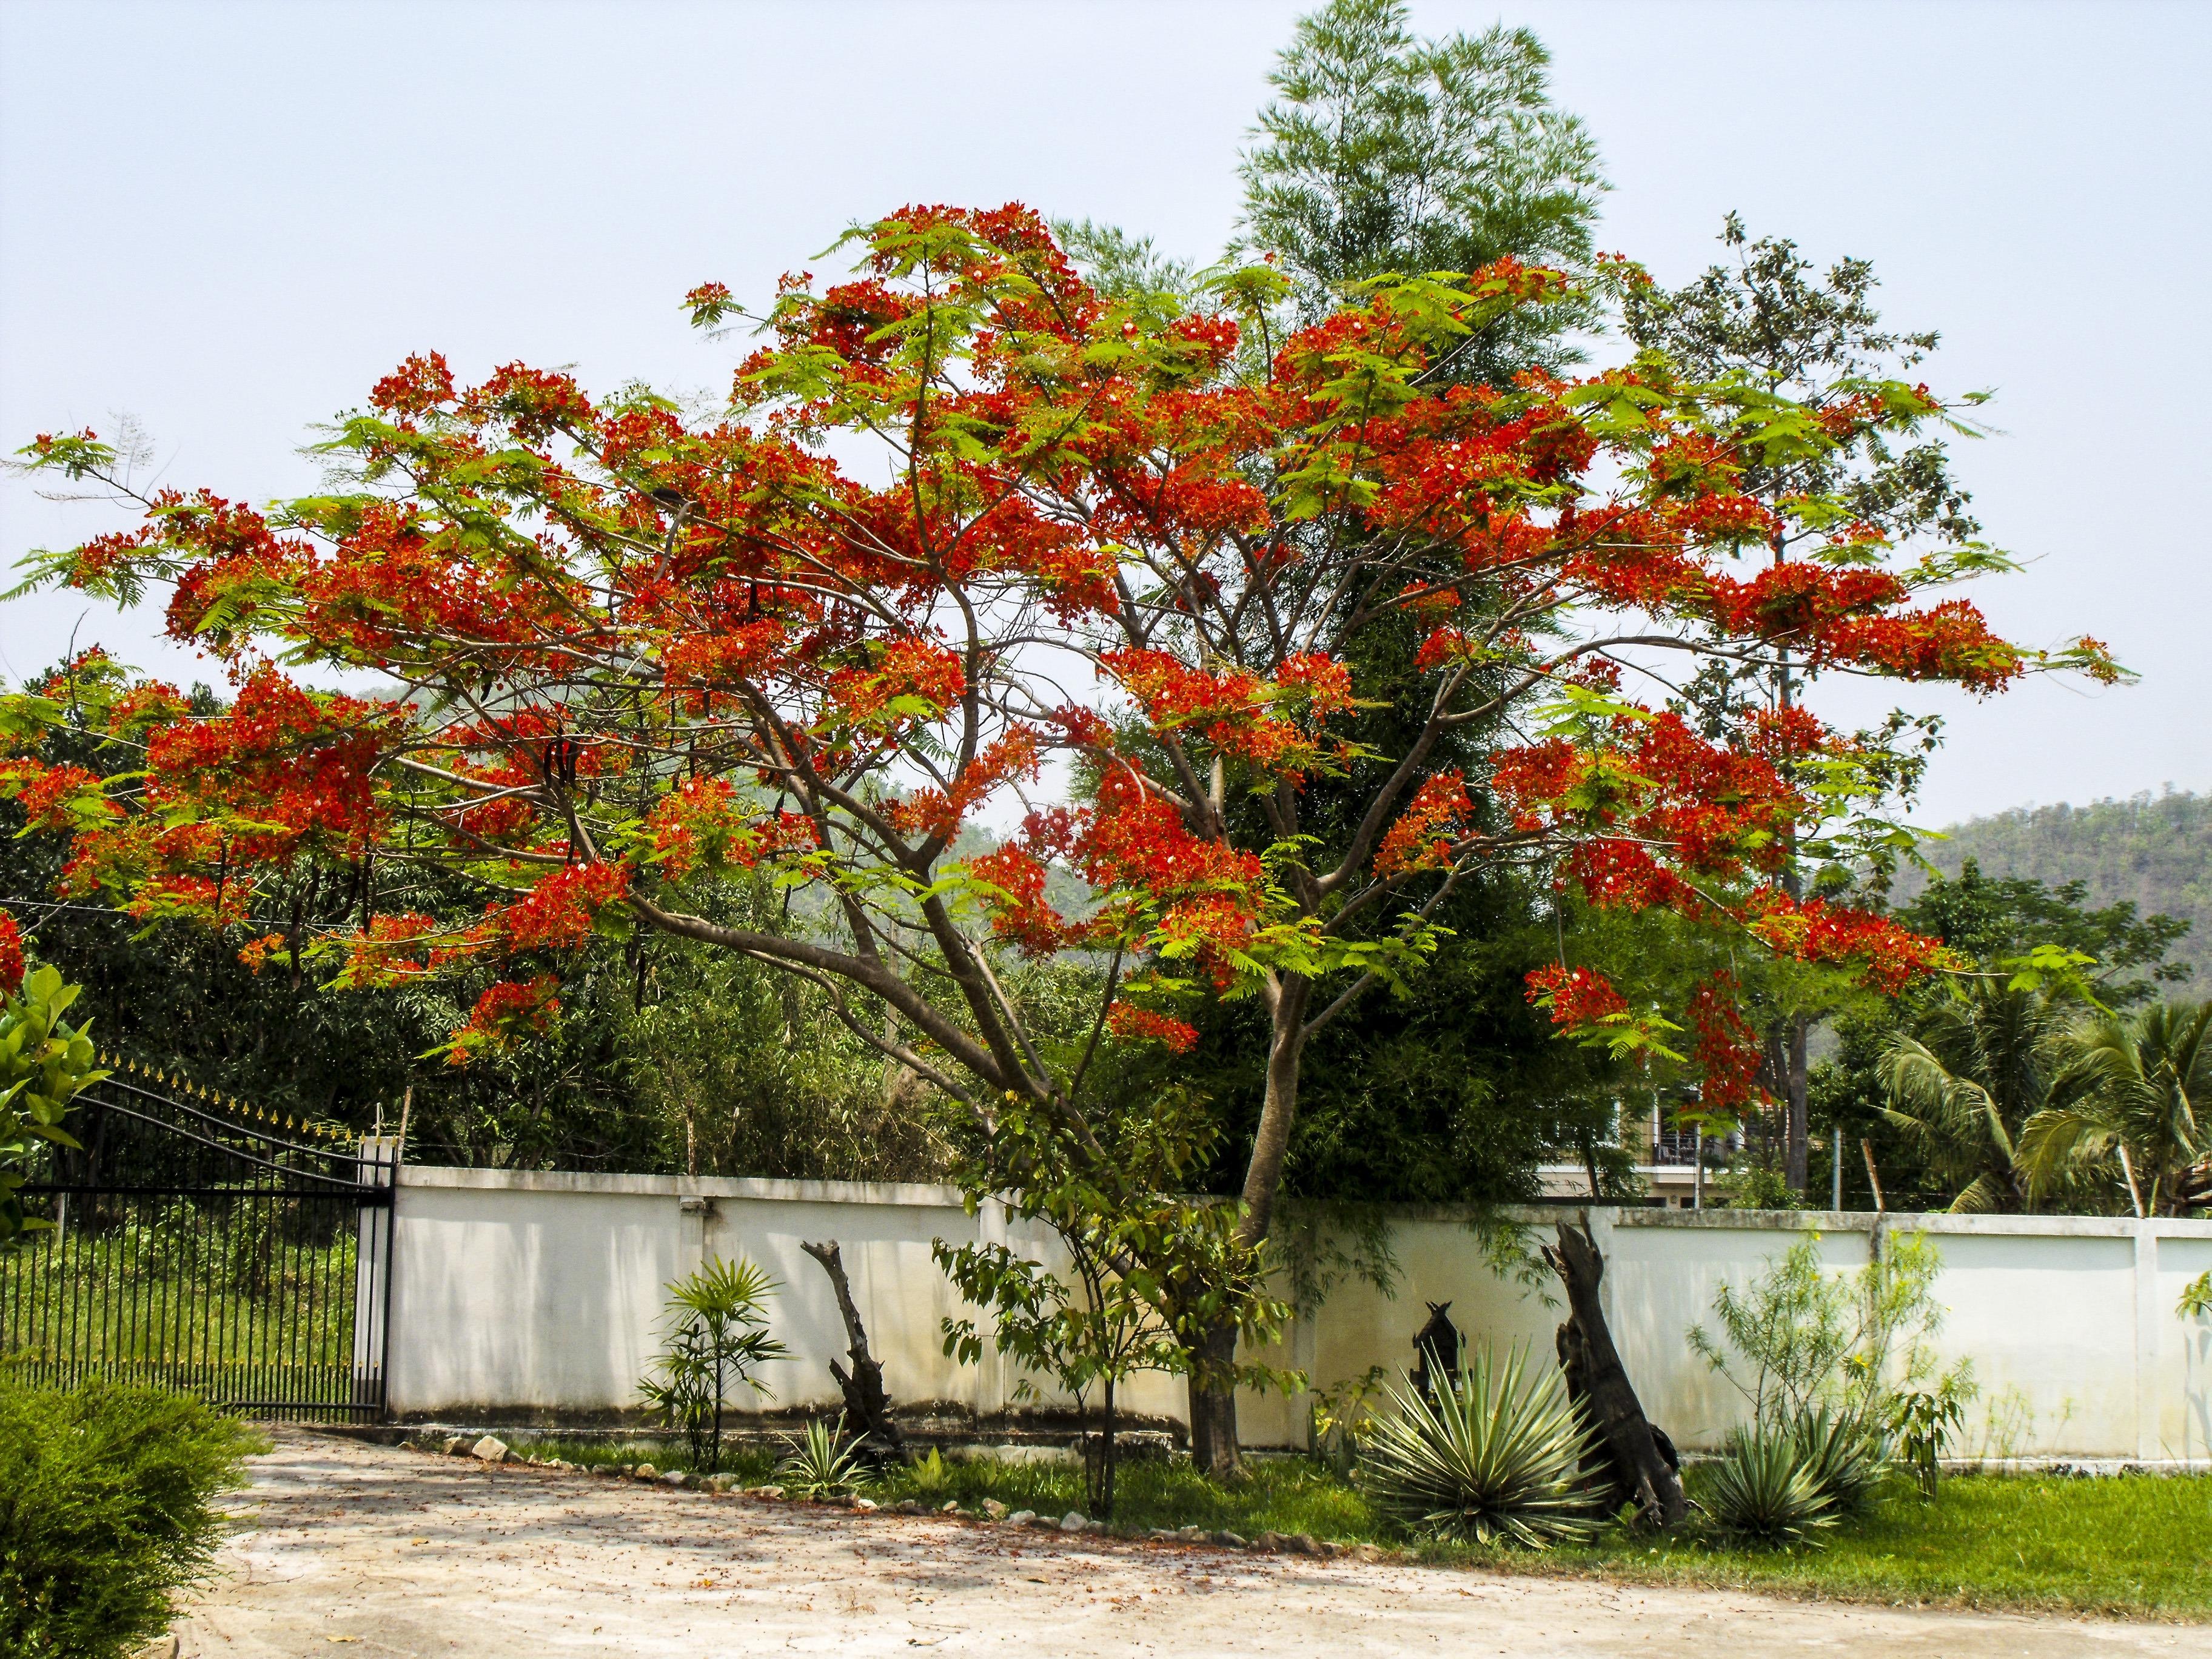 Images gratuites arbre feuille fleur rouge l 39 automne botanique jardin saison rable - Arbres a fleurs rouges ...